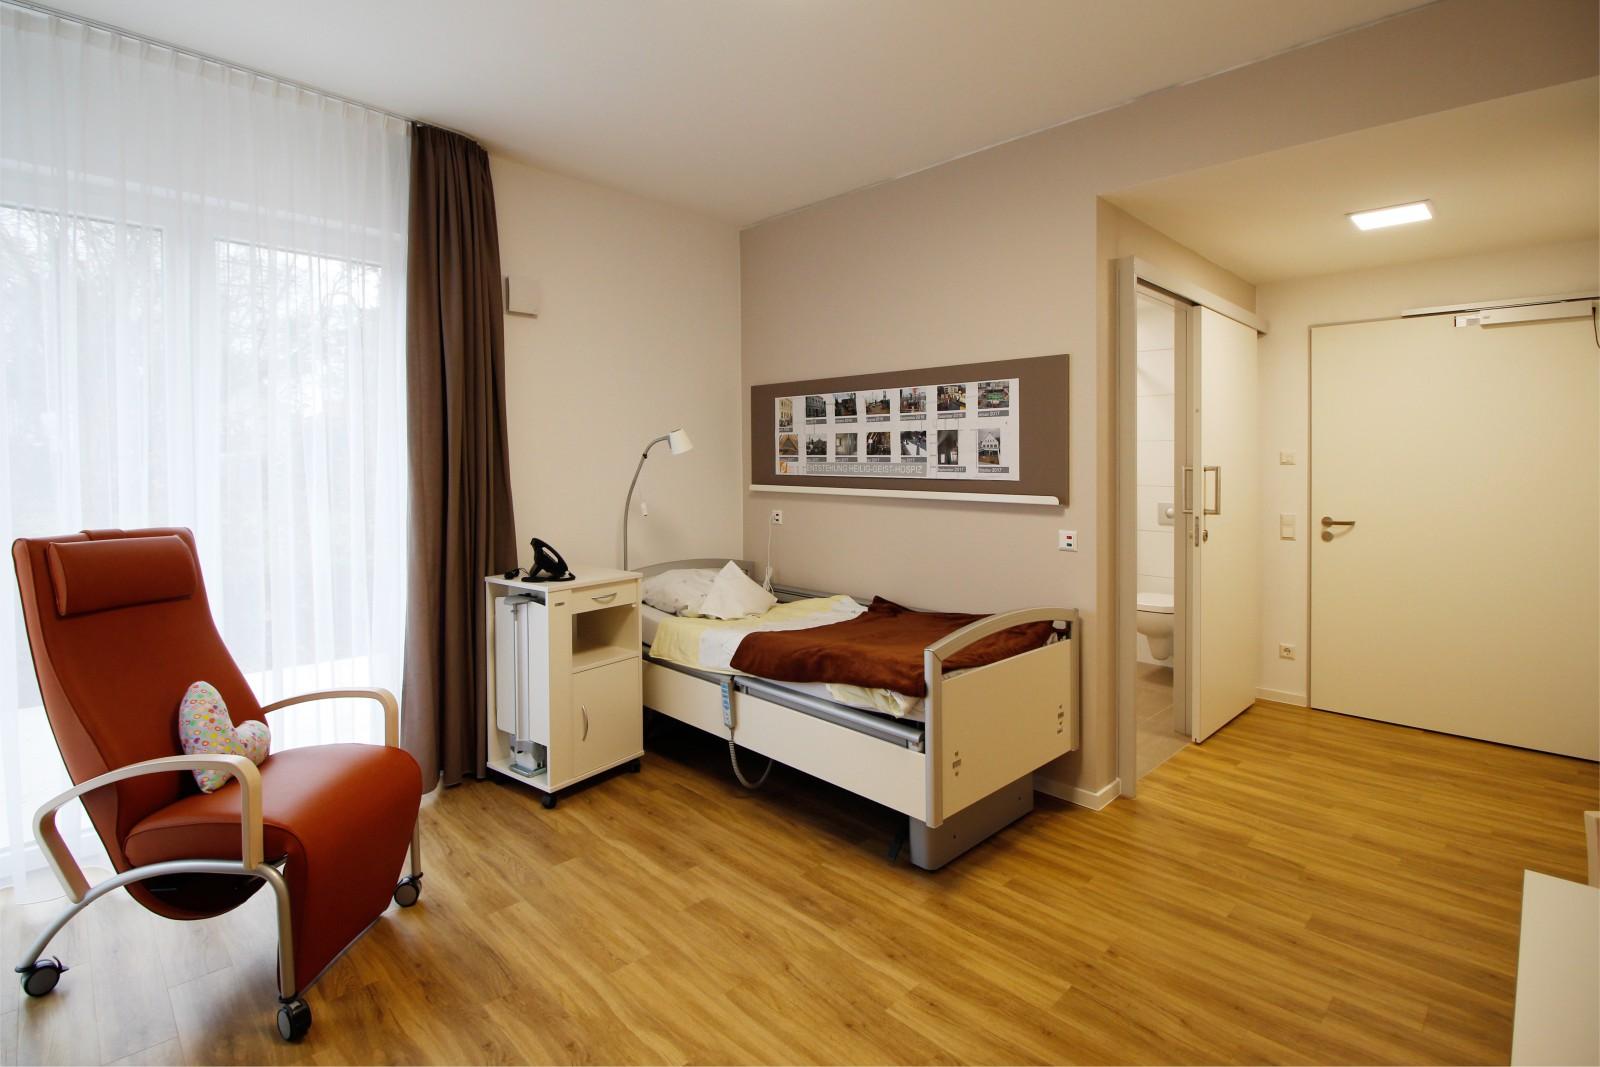 H-G-Hospiz Unna_Zimmer Gast 1